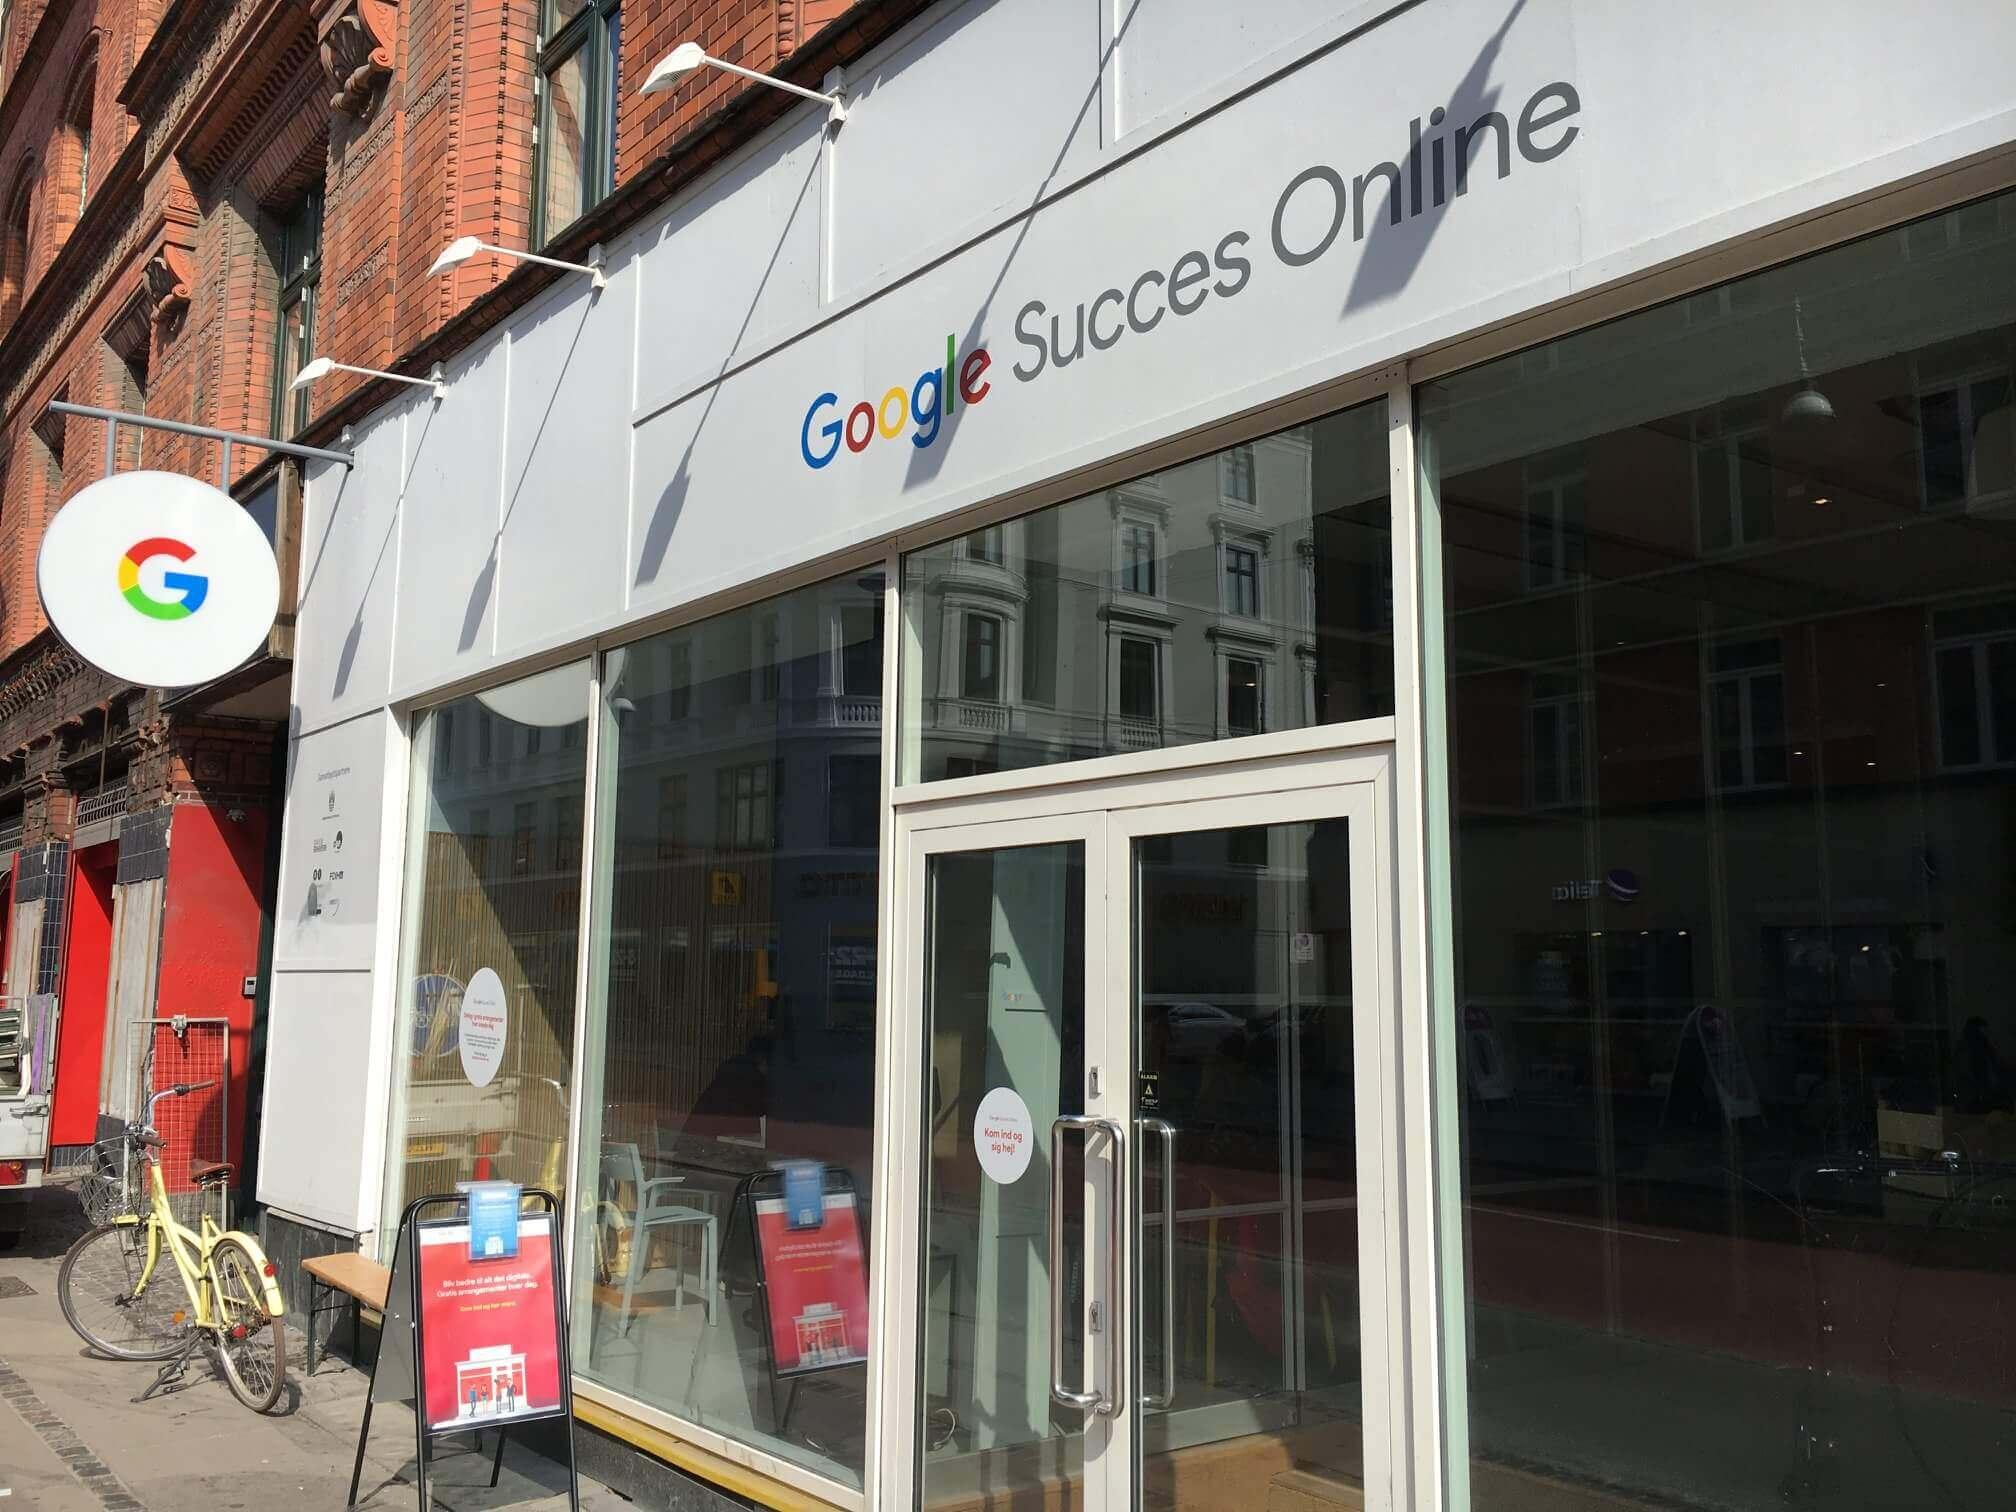 Facade butik Google Succes Online